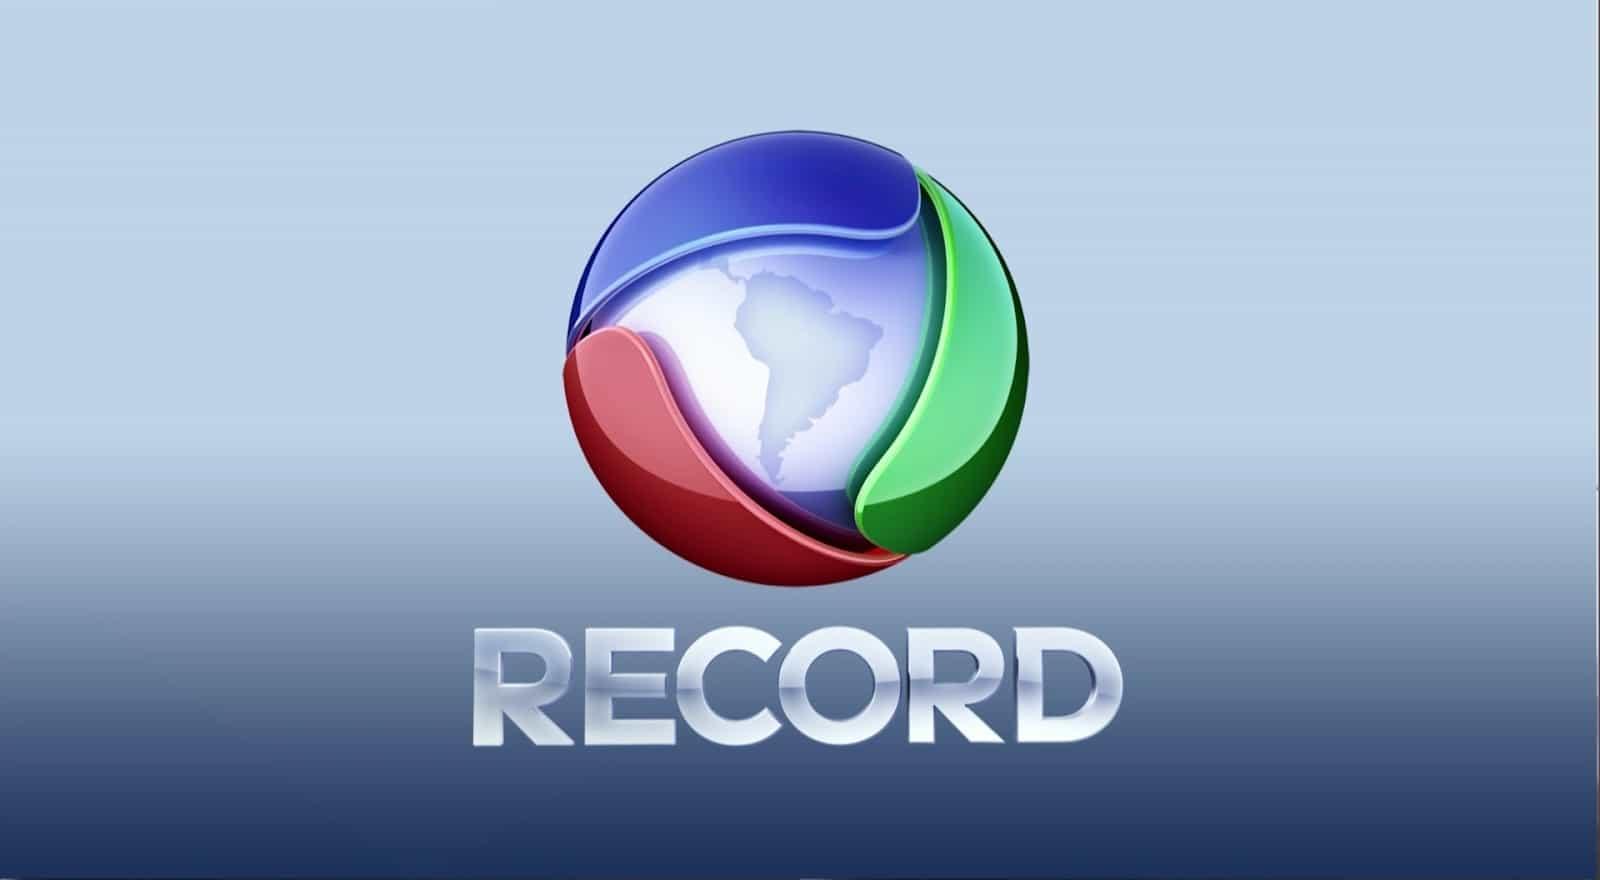 logo-record-novo1